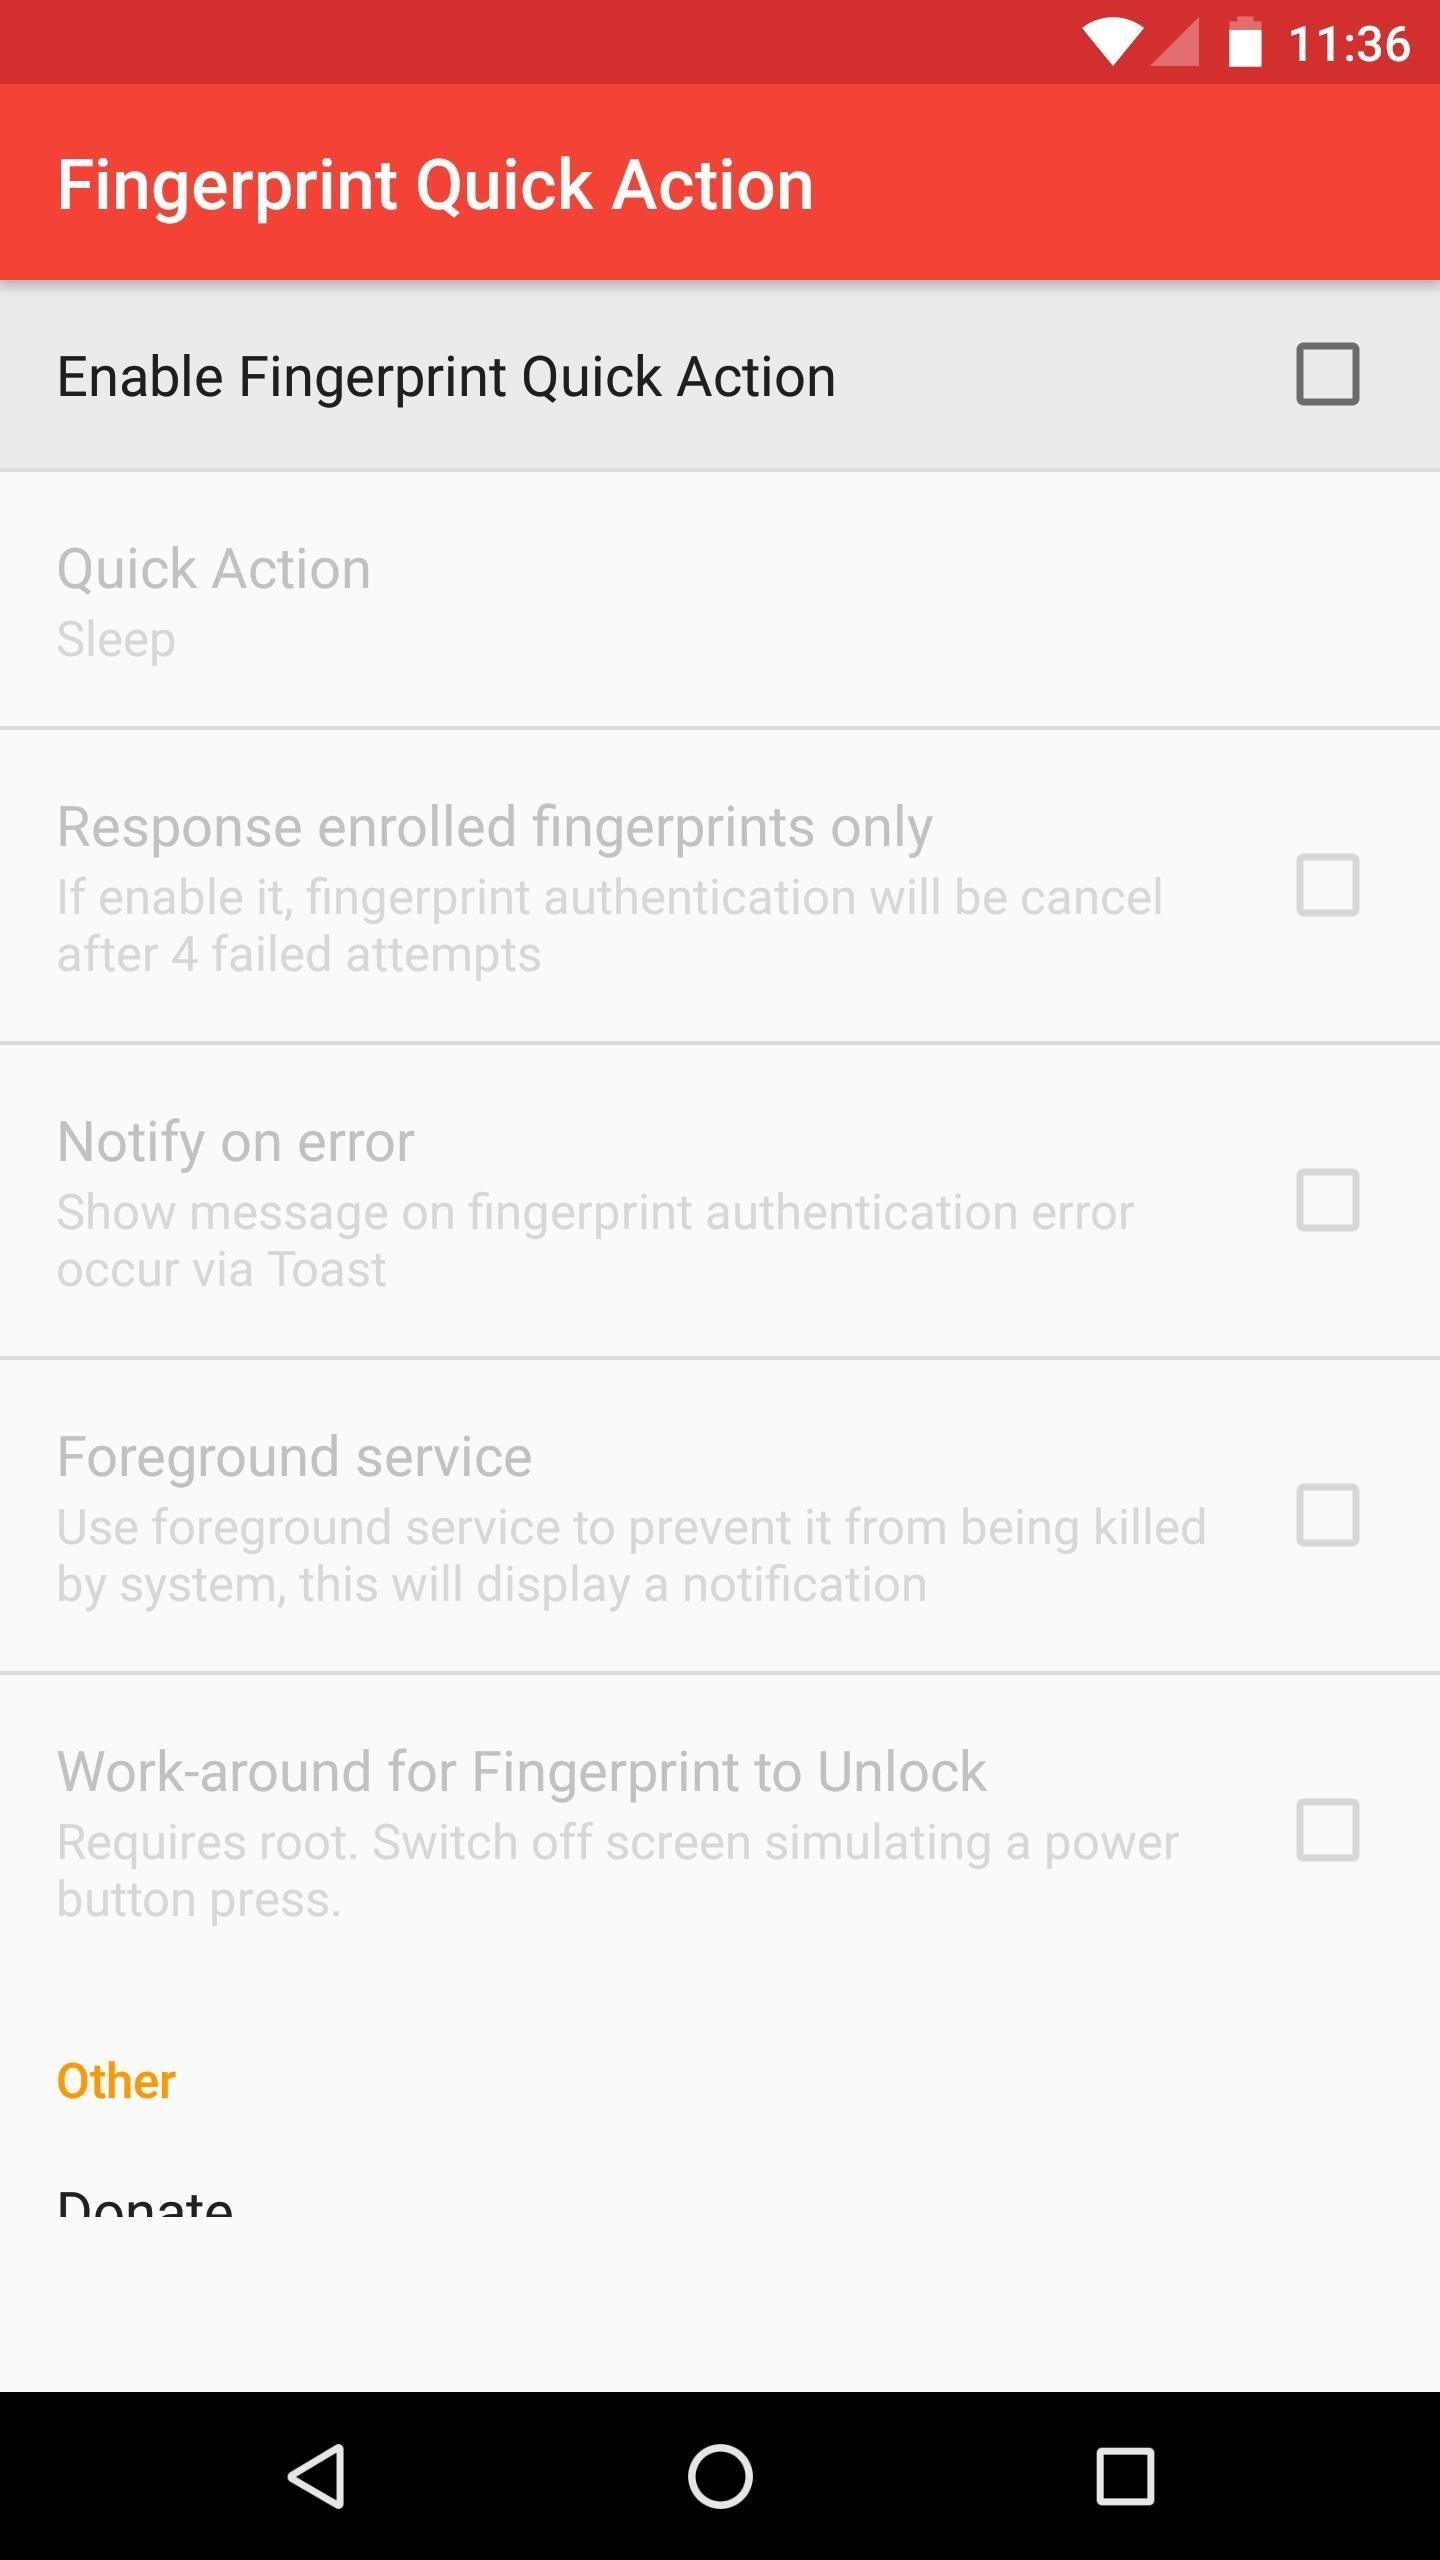 Fingerprint Quick Action App